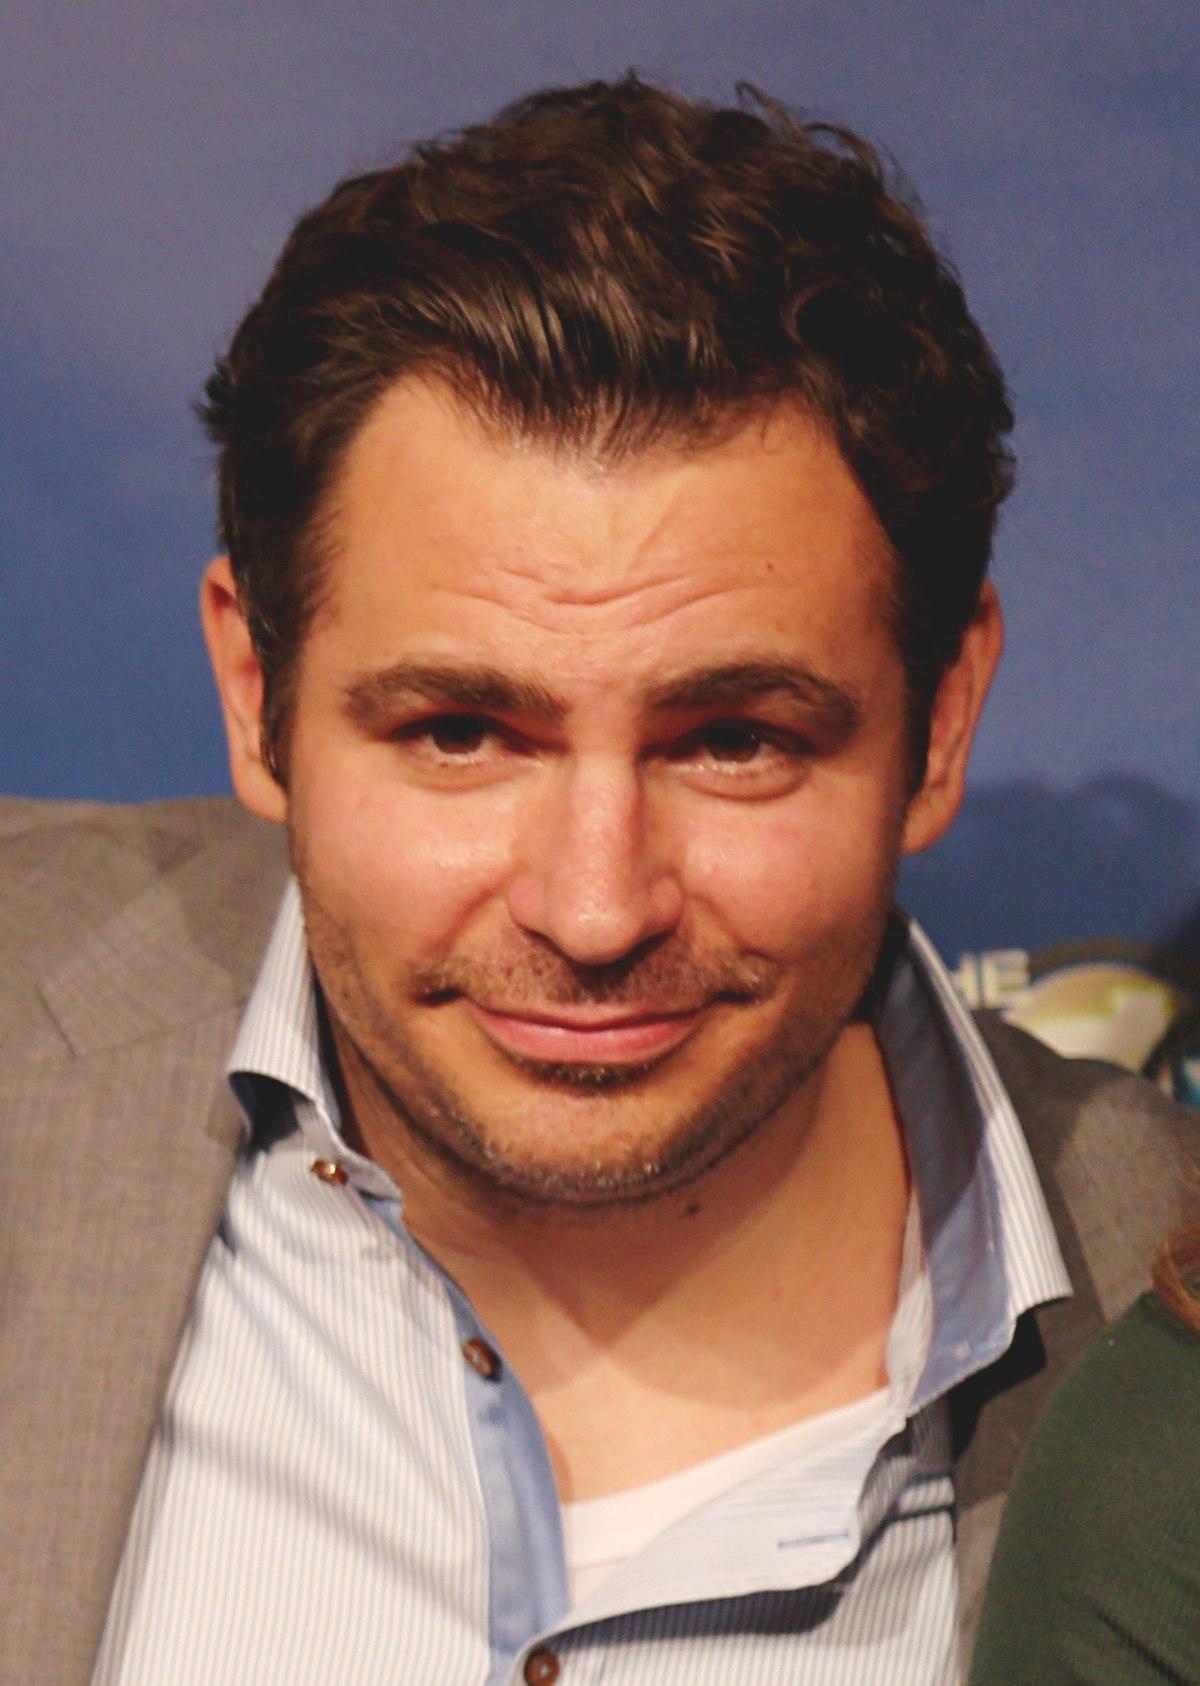 Paul Sedlmeier